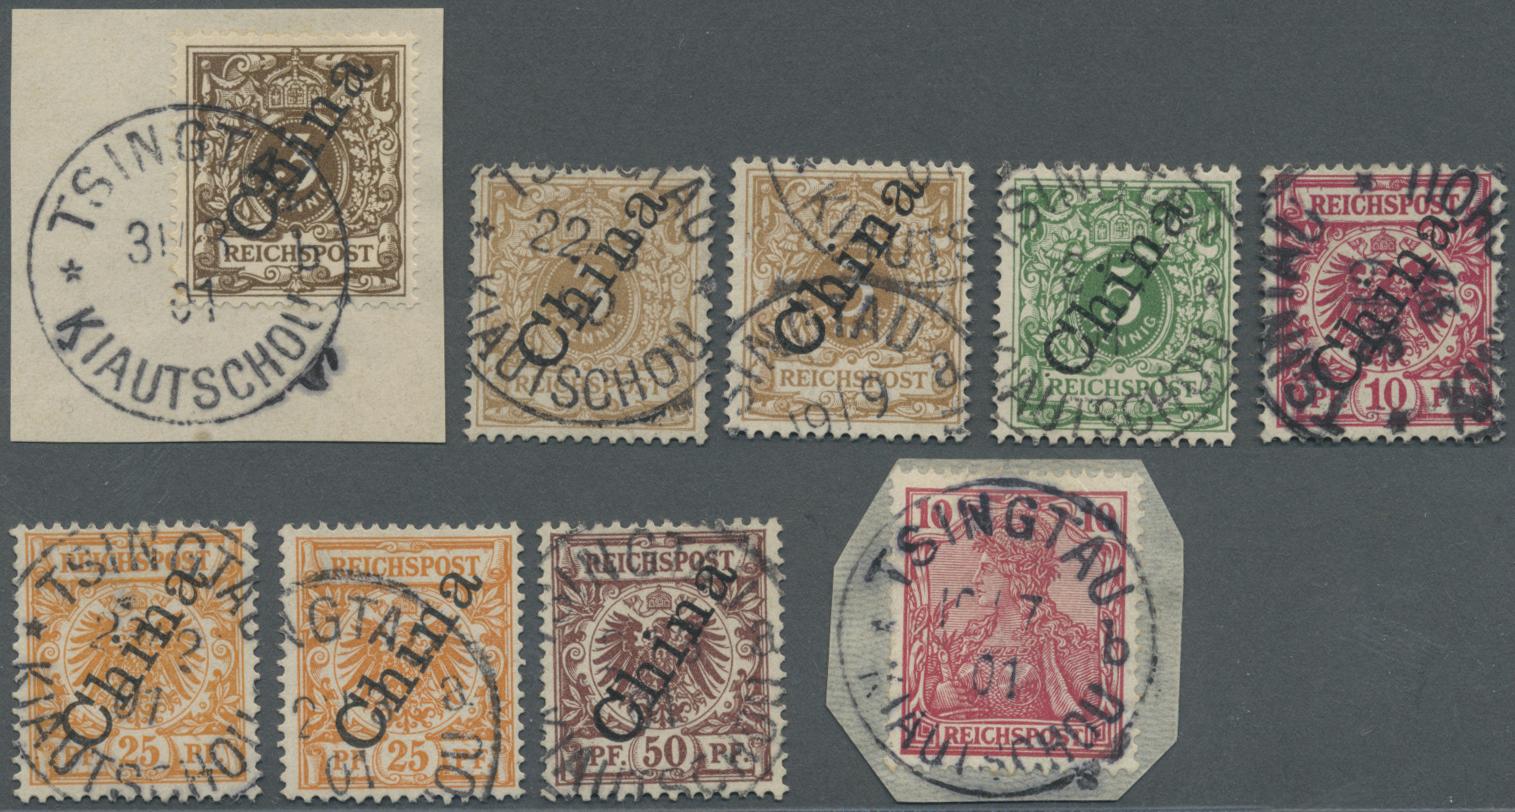 Lot 18705 - Deutsche Kolonien - Kiautschou - Mitläufer  -  Auktionshaus Christoph Gärtner GmbH & Co. KG Auction #40 Germany, Picture Post Cards, Collections Overseas, Thematics